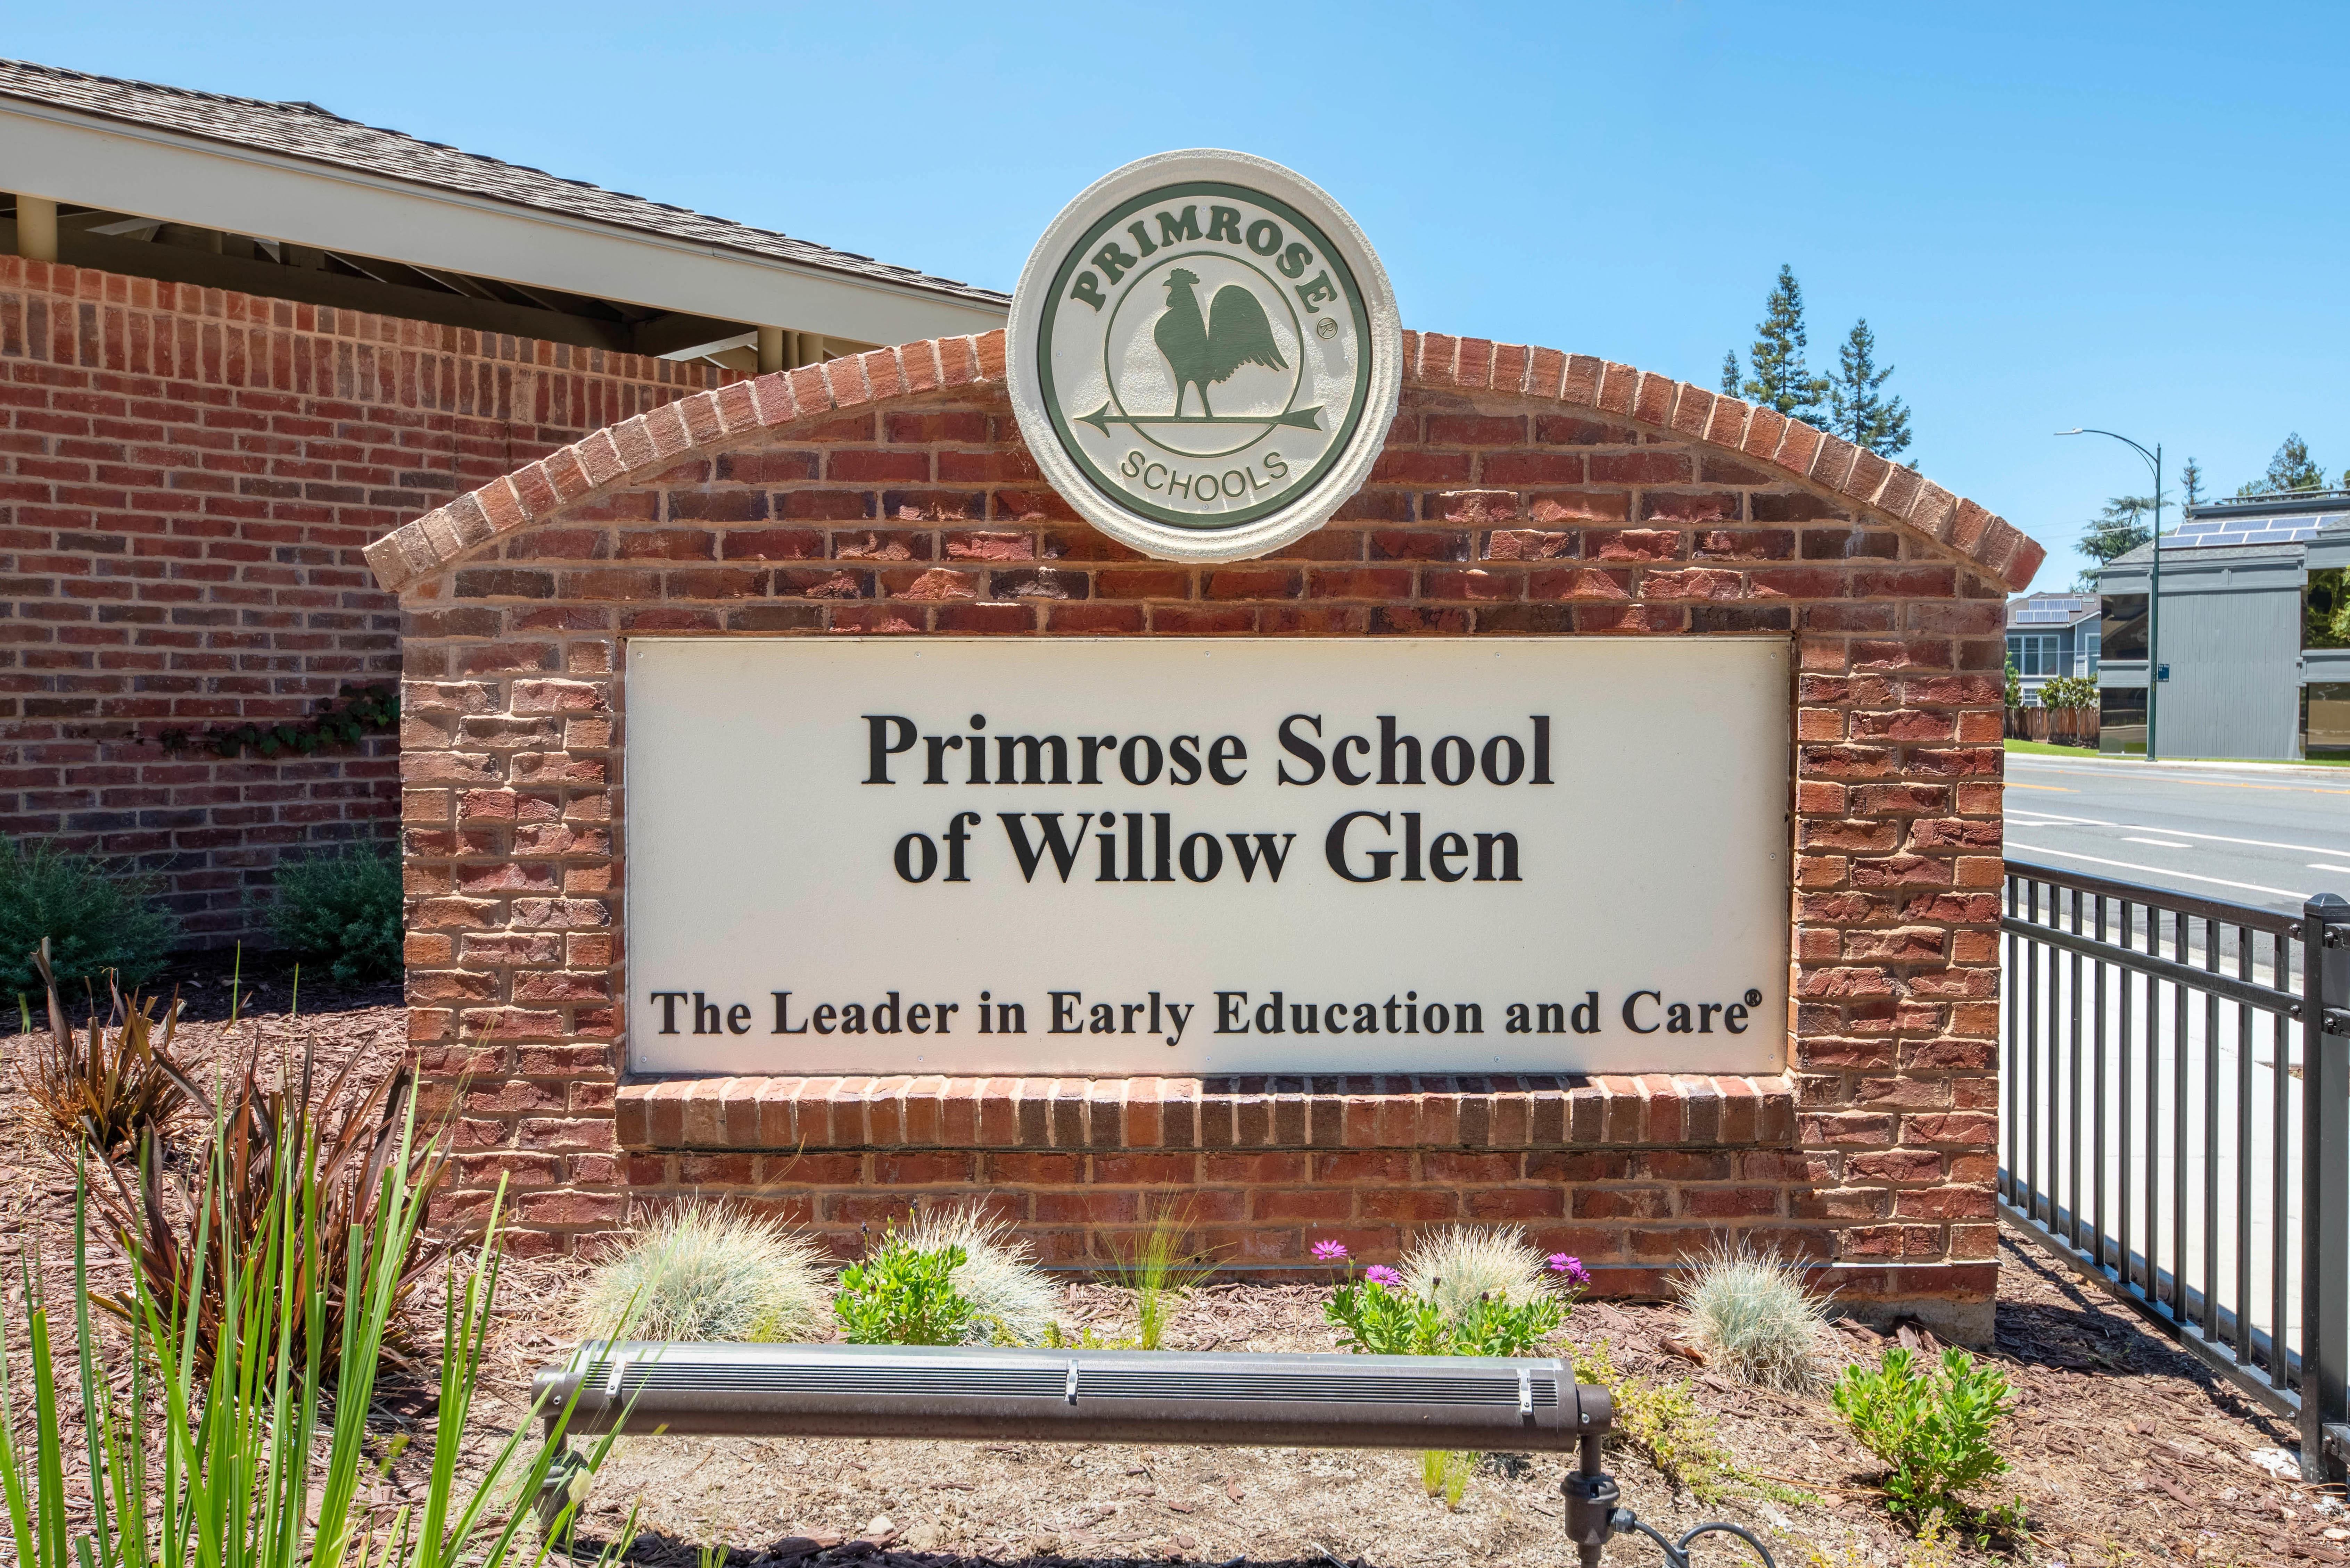 Primrose School of Willow Glen image 12